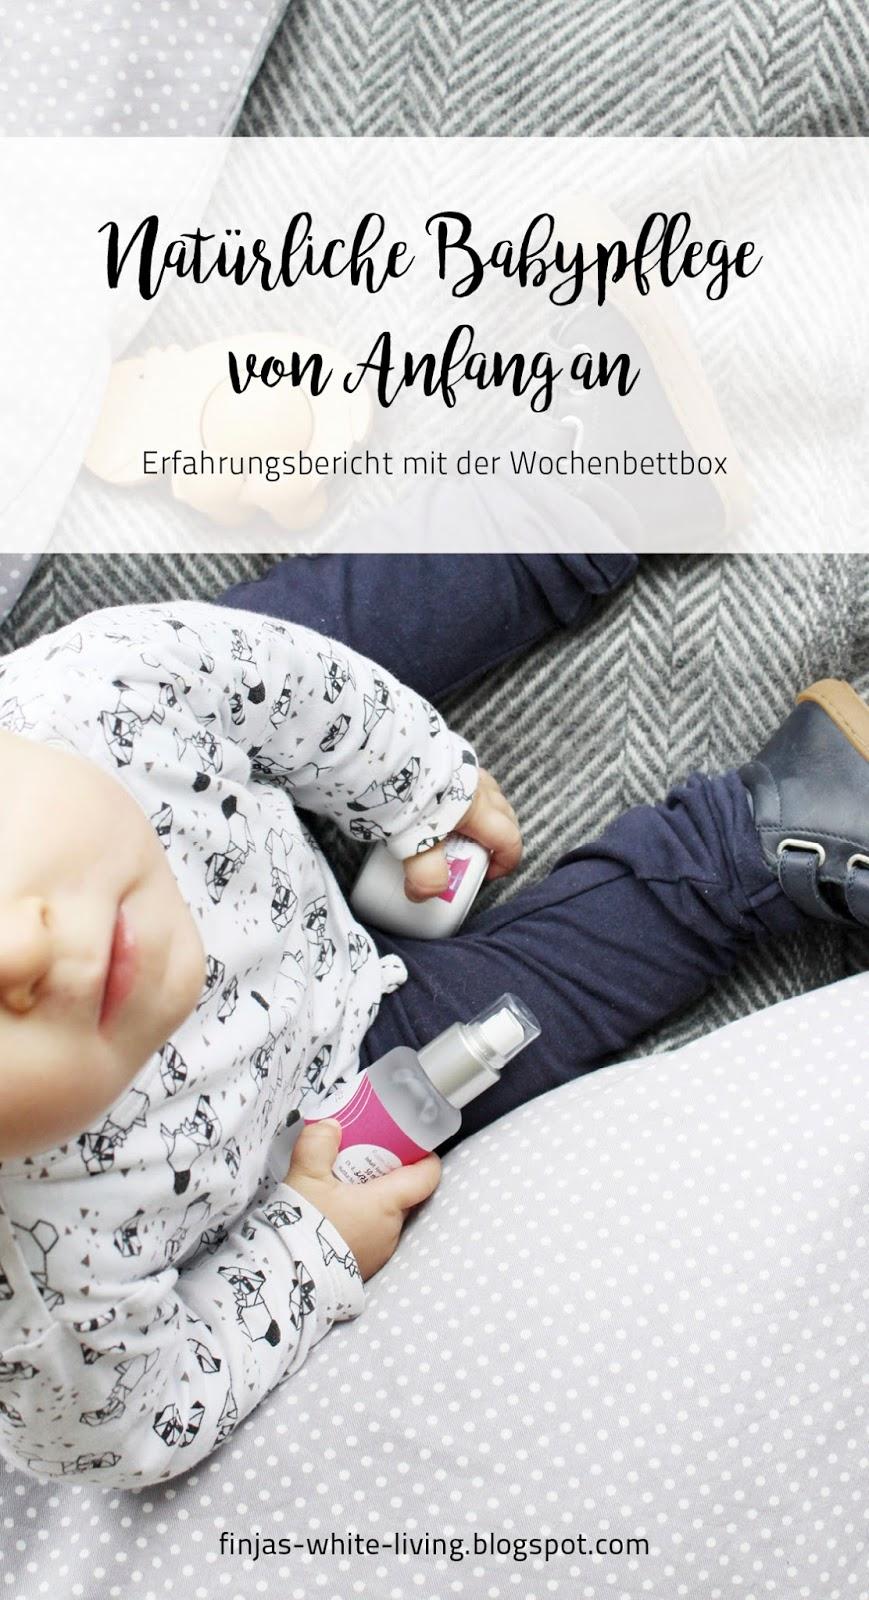 Erfahrungsbericht mit der Wochenbettbox von Kerstin Lücking Natürliche Babypflege auch für Mamas